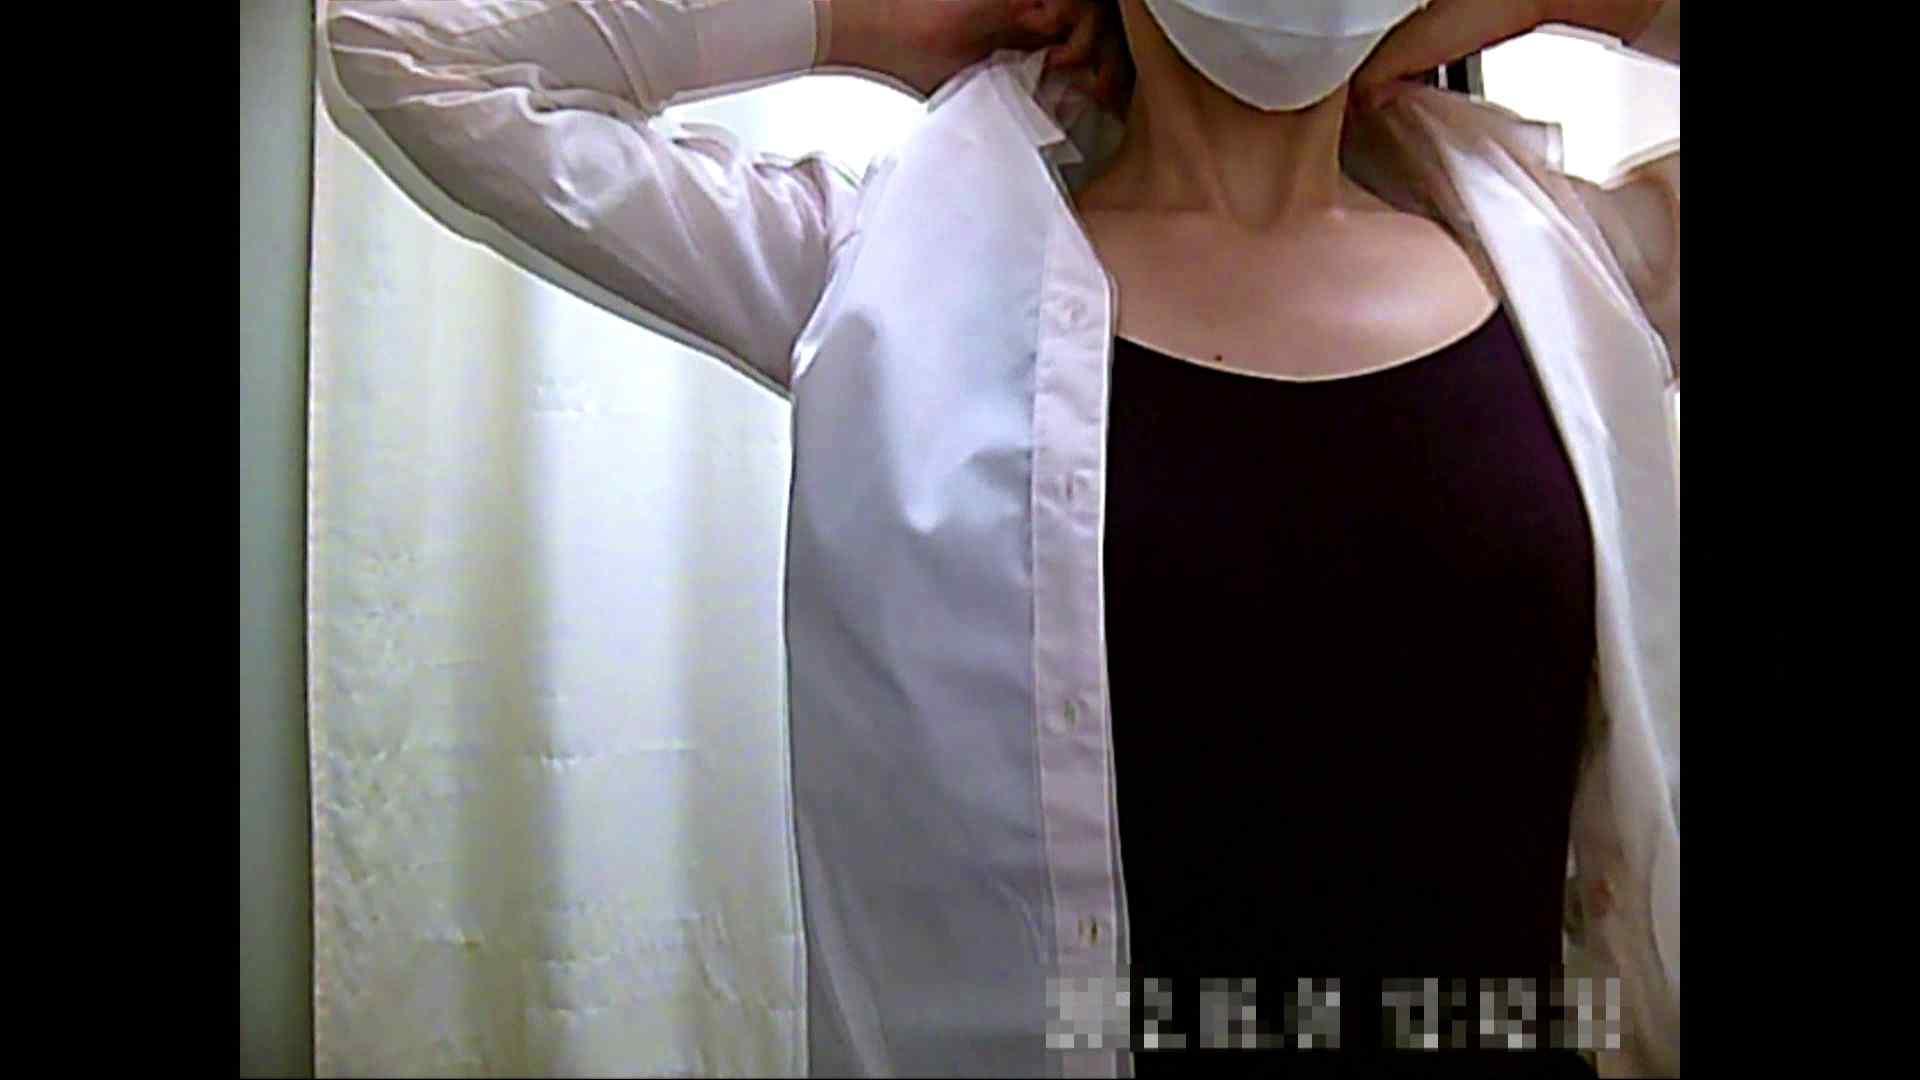 元医者による反抗 更衣室地獄絵巻 vol.004 OL  94pic 19